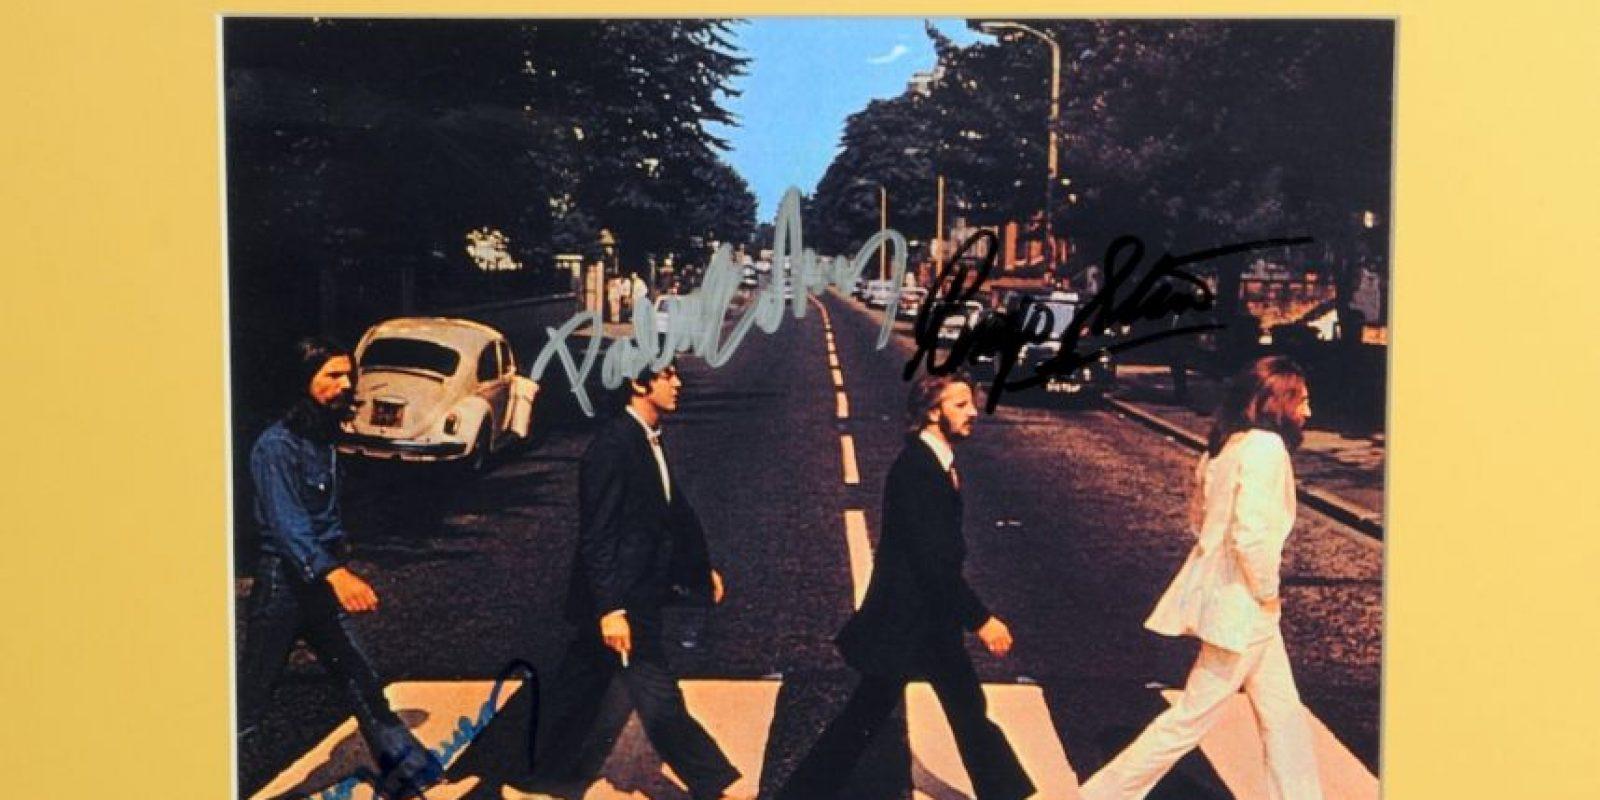 """Un promocional de la portada de """"Abbey Road"""" con las firmas de la banda. Foto:Cooperowen.com"""